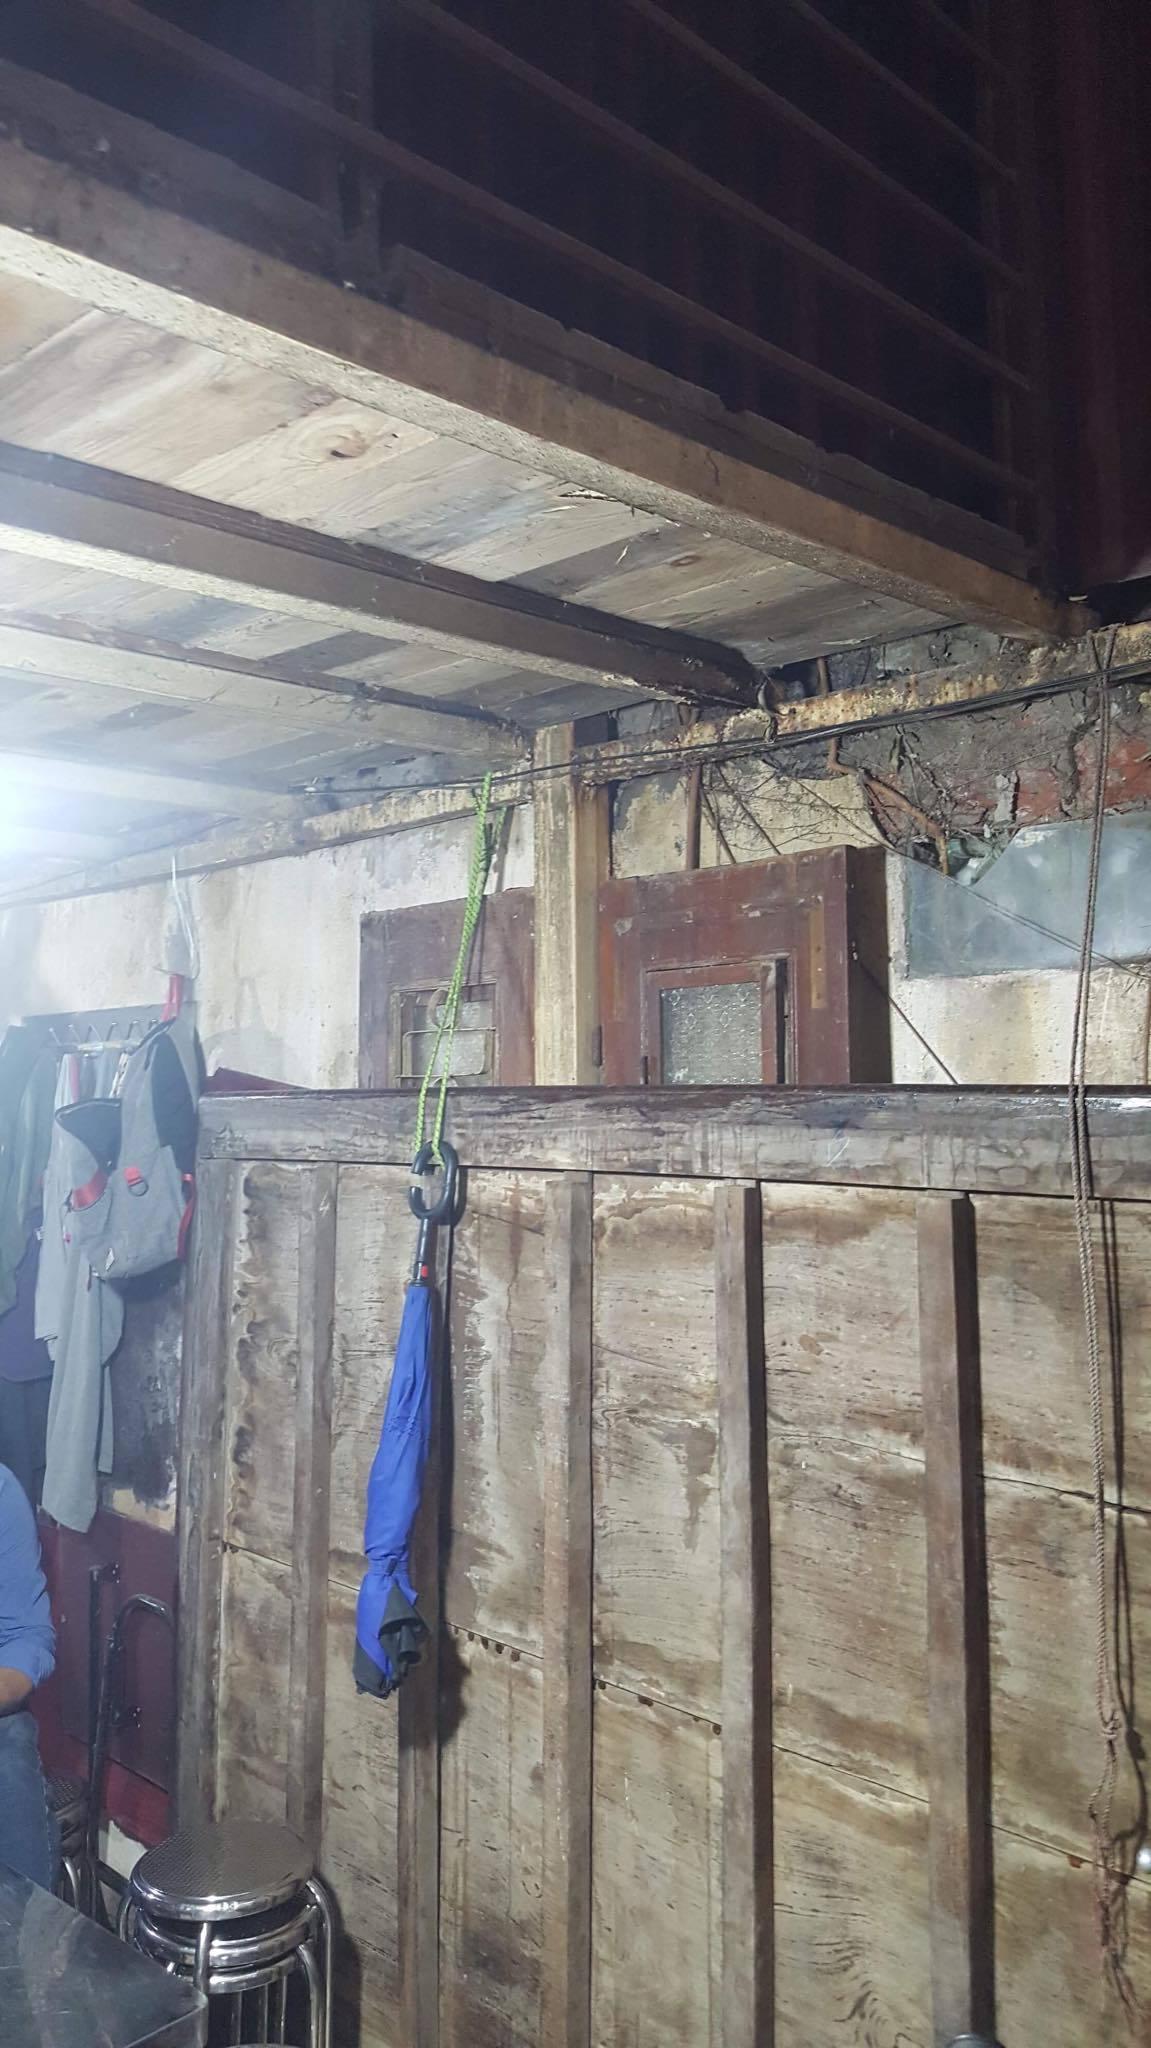 Ban thờ lập vội trong căn nhà tồi tàn của nạn nhân vụ tai nạn ở hầm Kim Liên-2